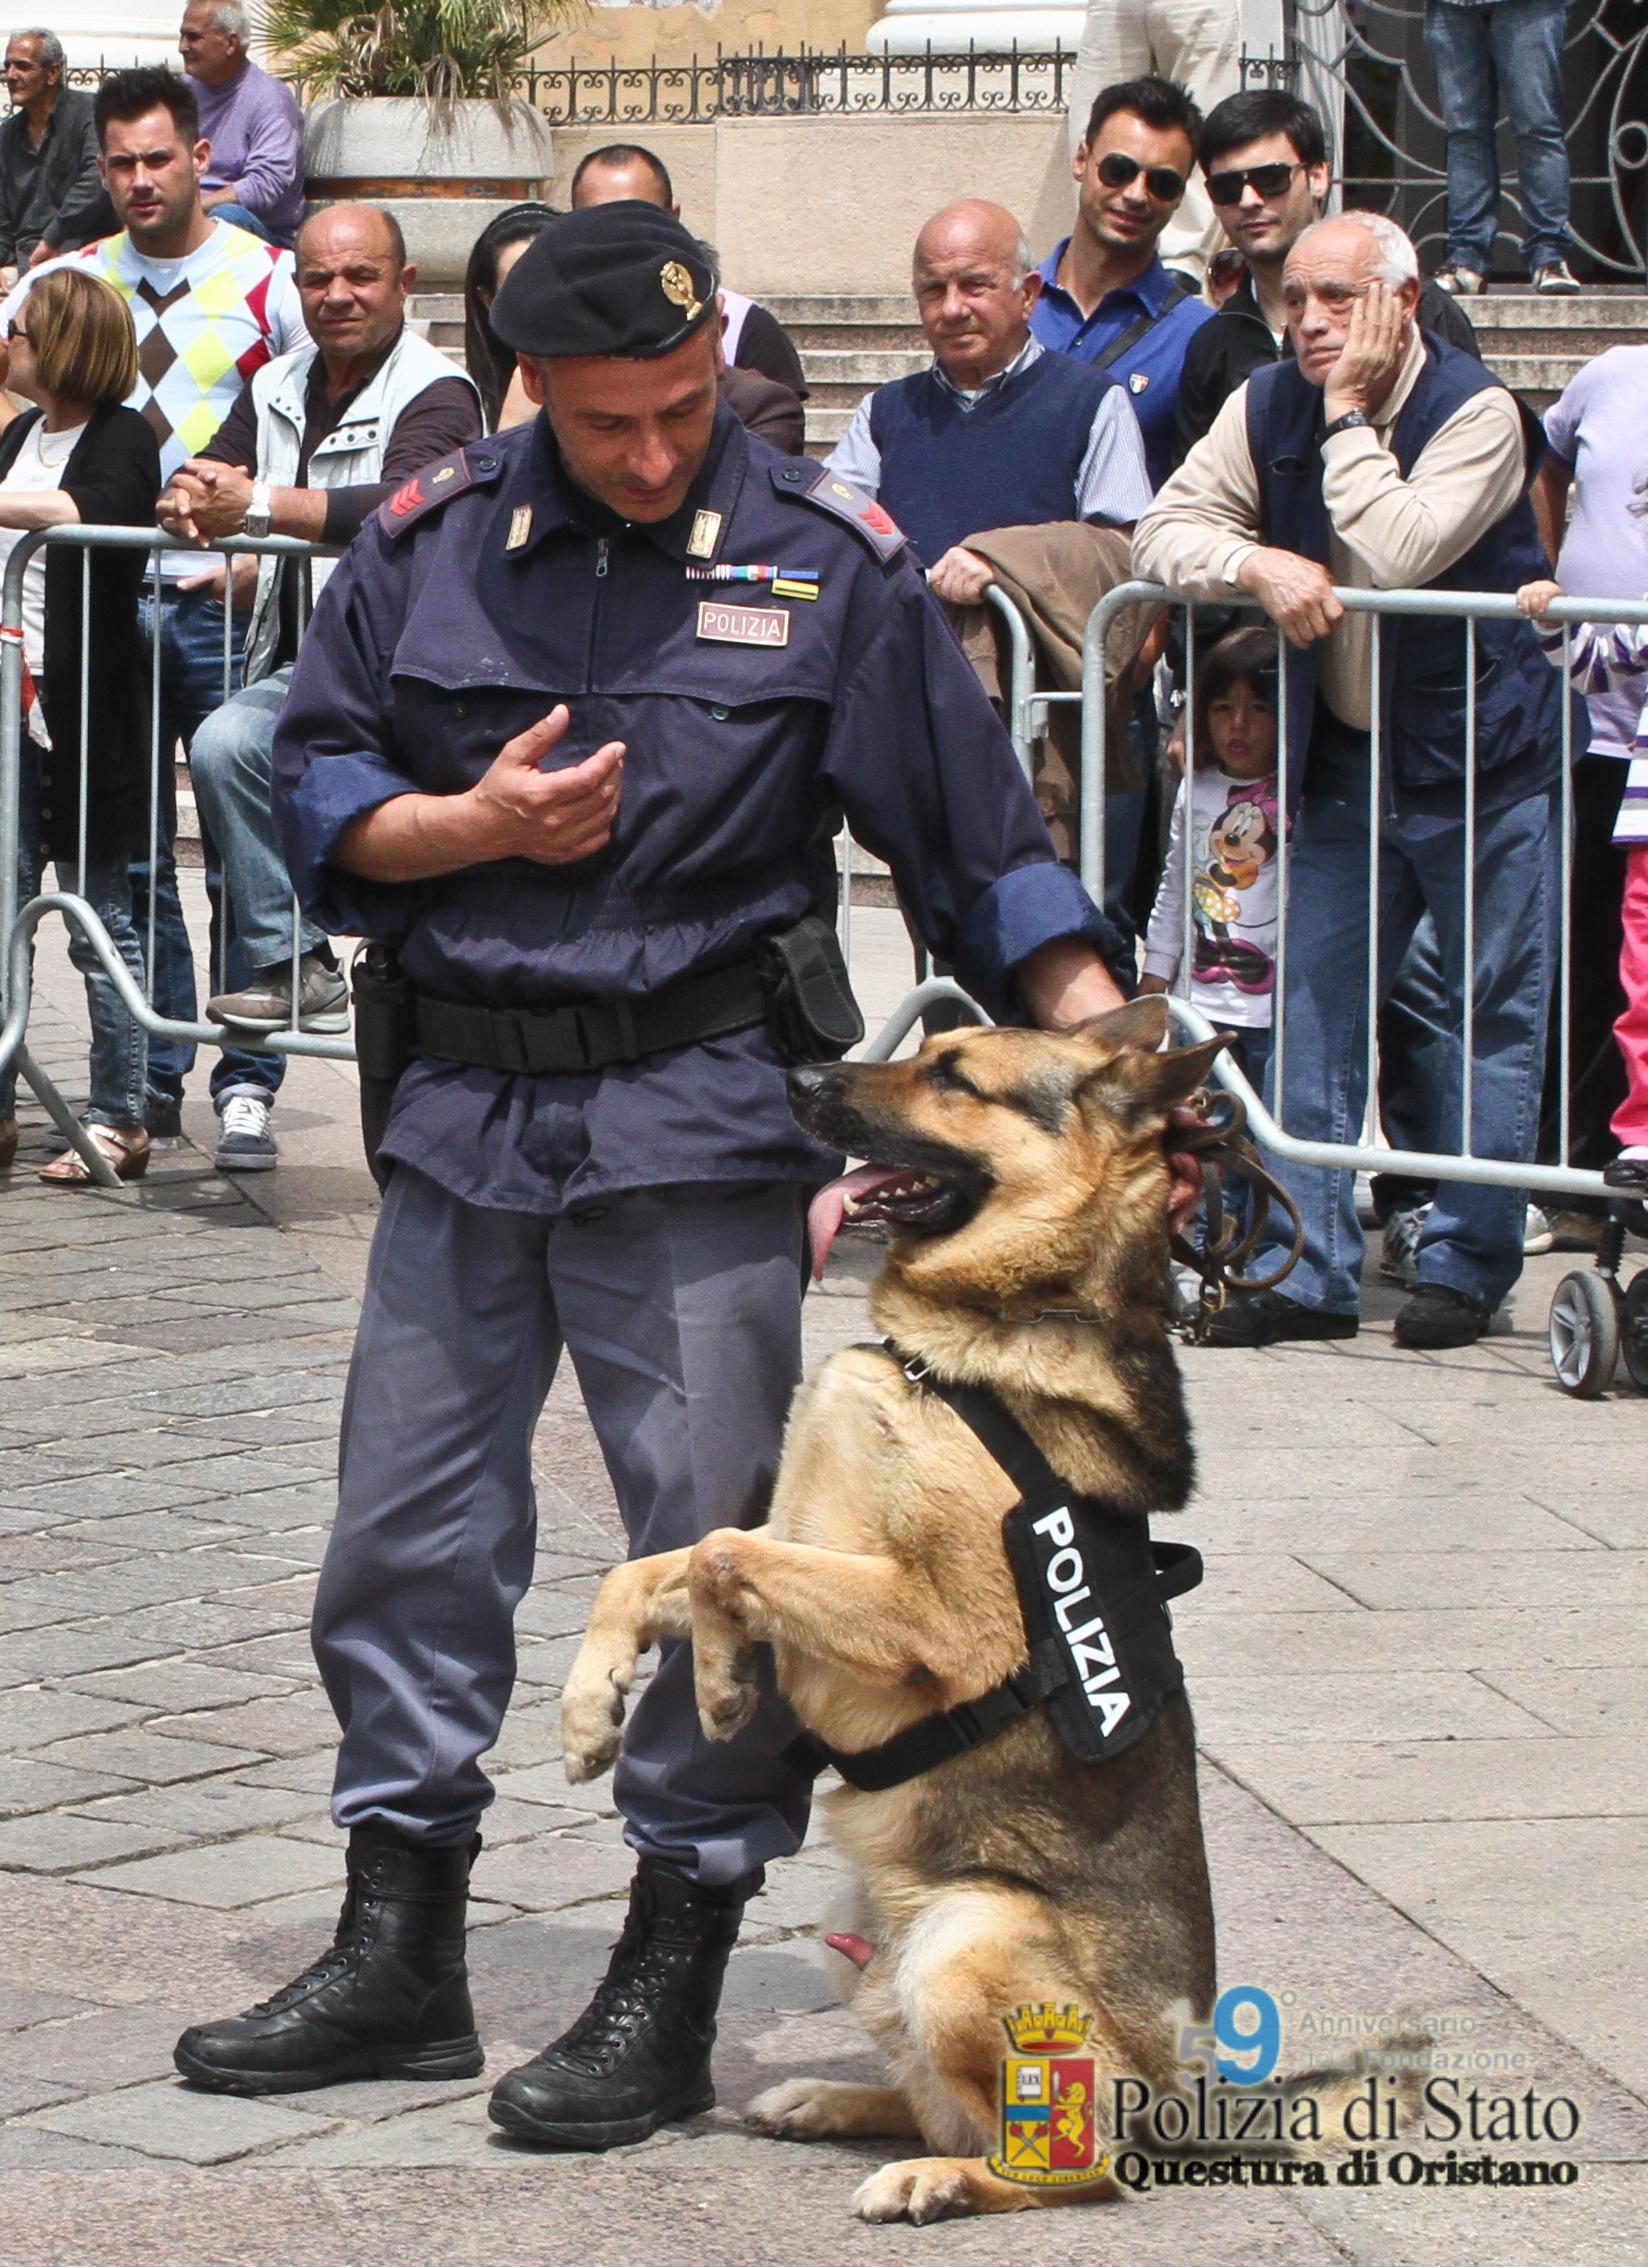 ORISTANO, Prosegue attività di prevenzione e contrasto spaccio della Polizia. Davanti agli istituti scolastici con la Squadra cinofili